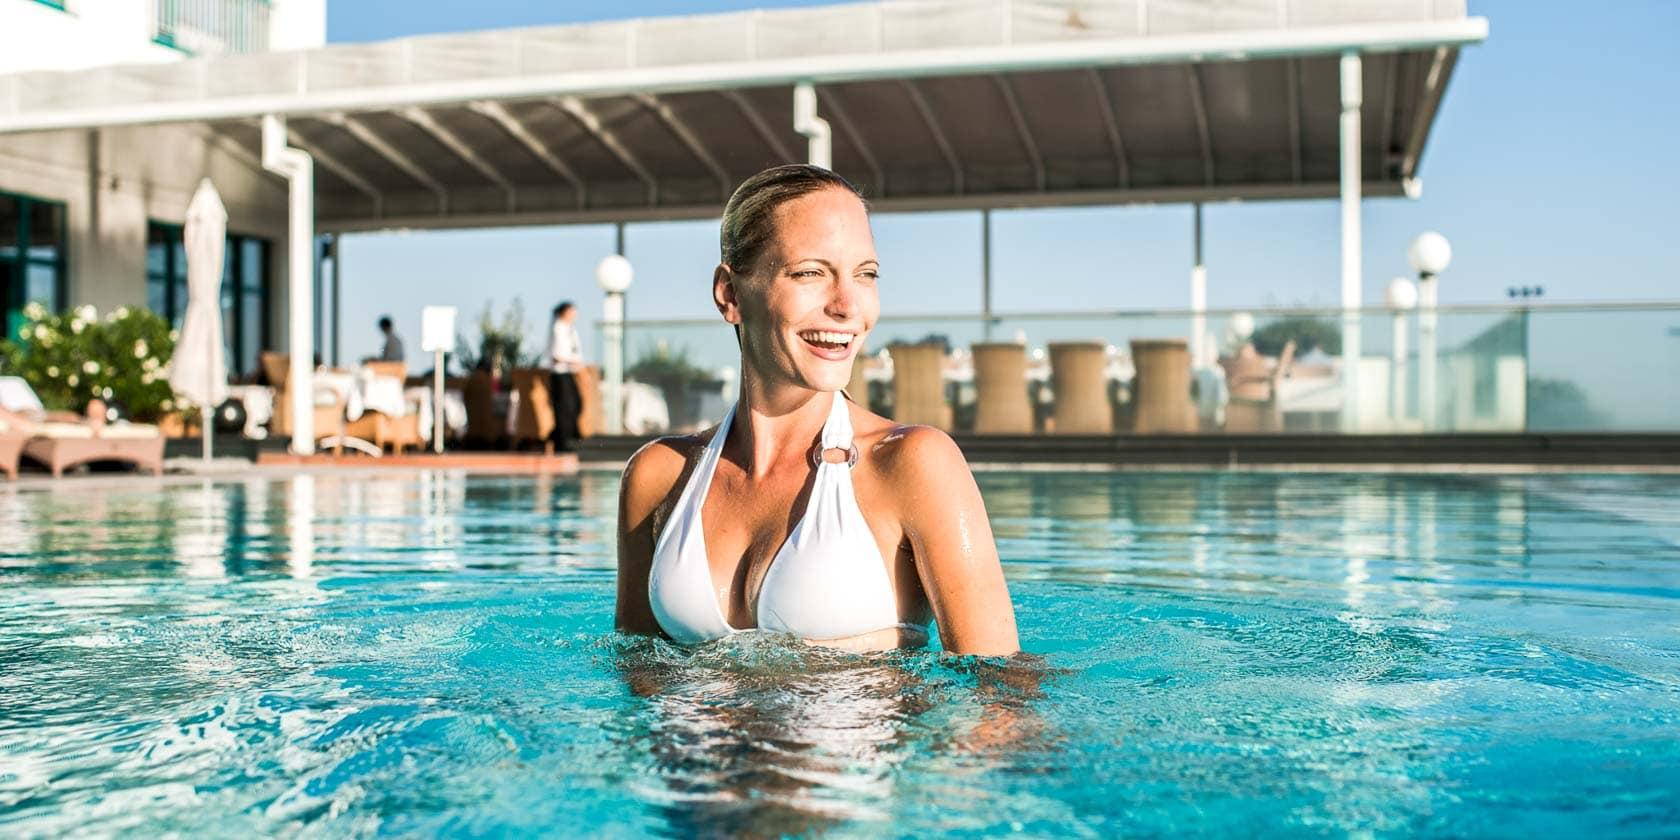 Frau lachend im Pool